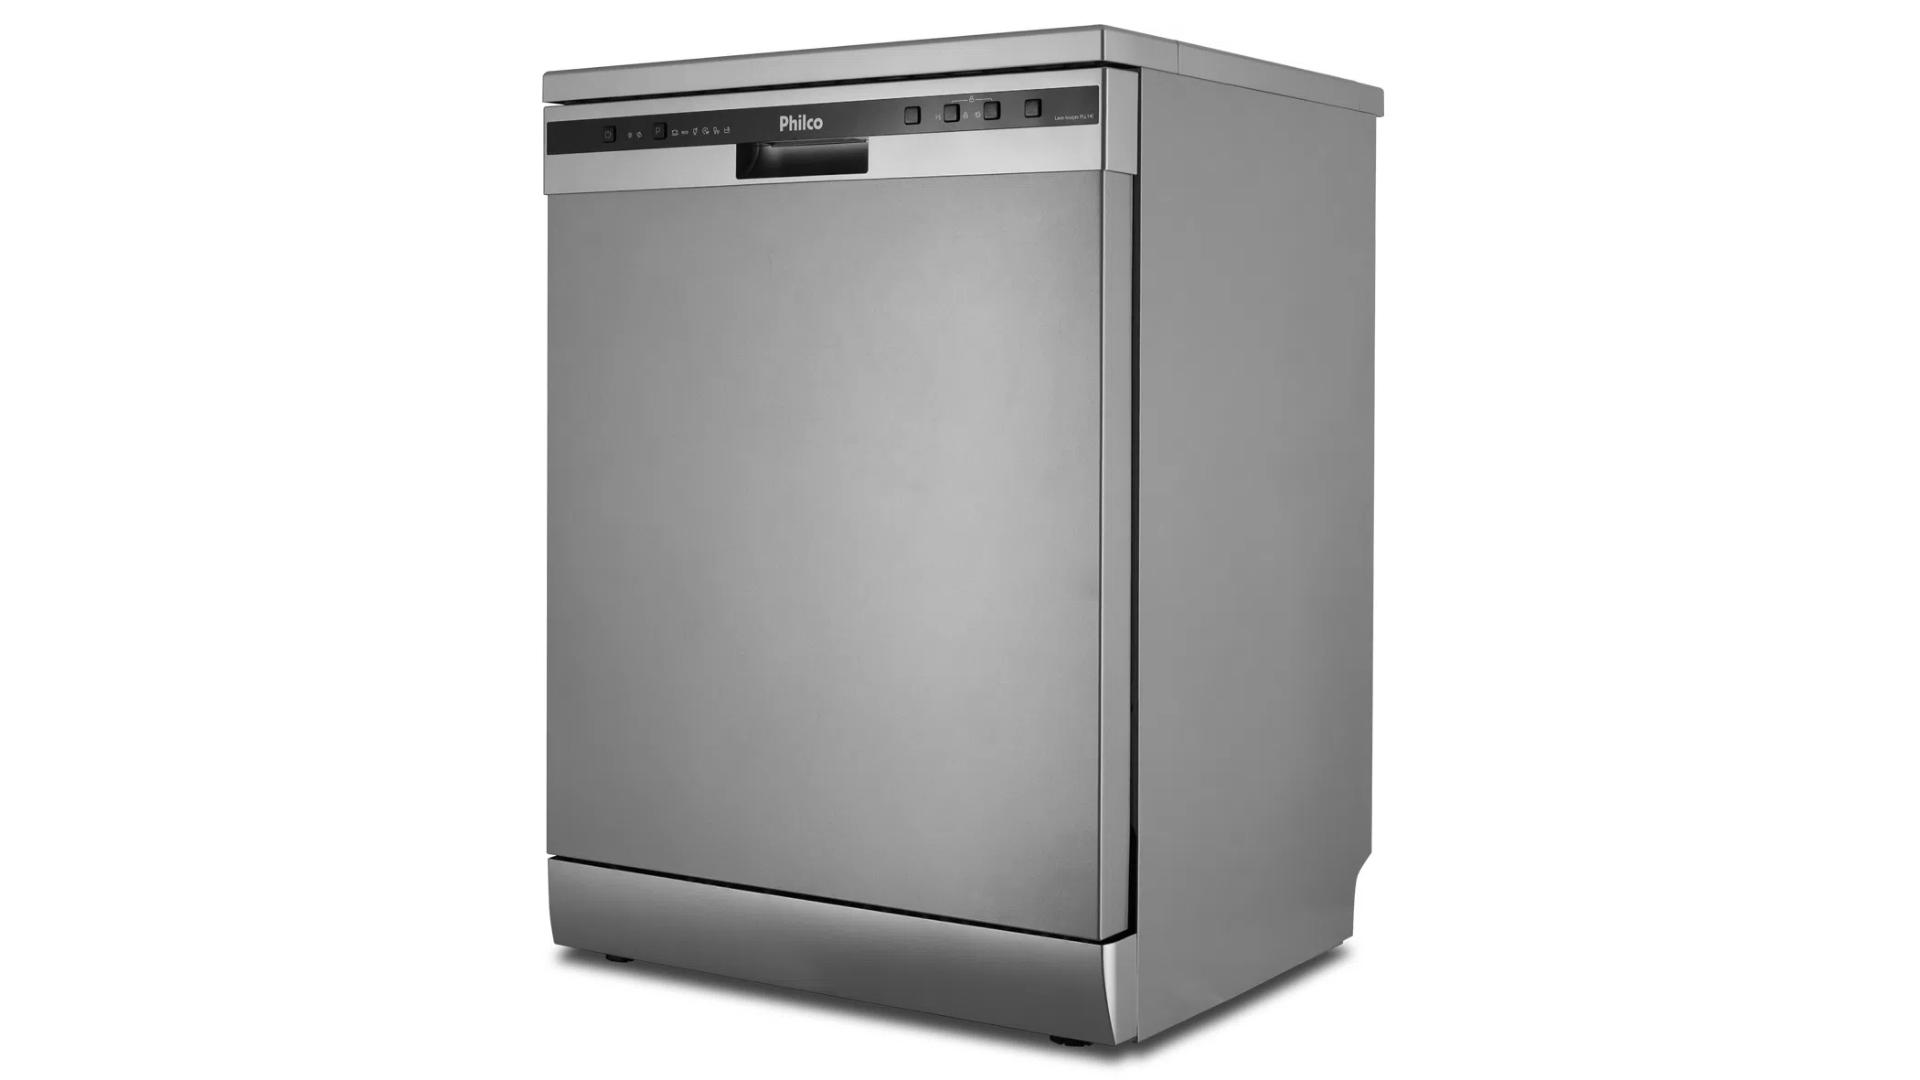 A Philco PLL14B oferece 6 programas de lavagem, disponíveis no painel frontal da lava-louças. (Imagem: Divulgação/Philco)